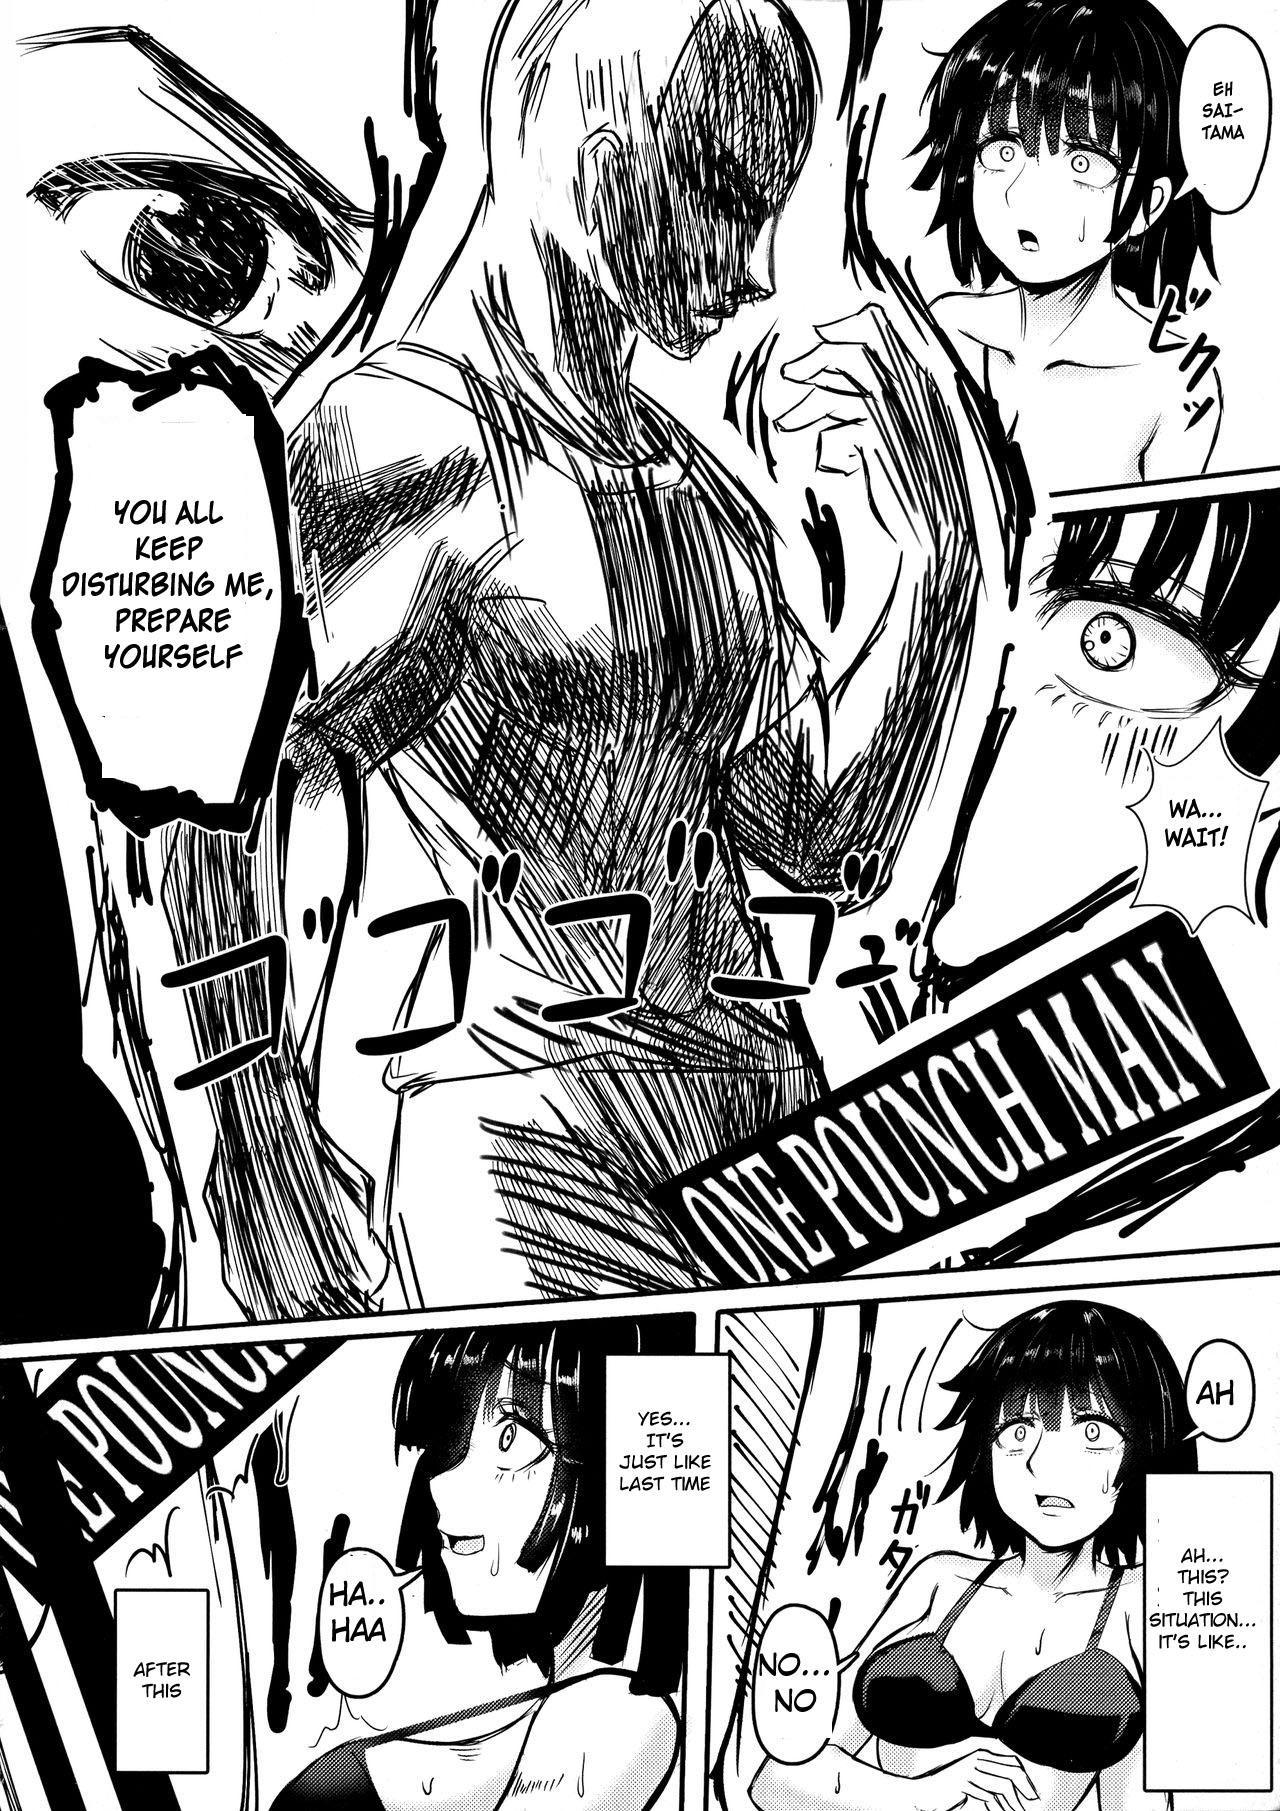 ONE PORNCH MAN Tatsumaki Shimai 13